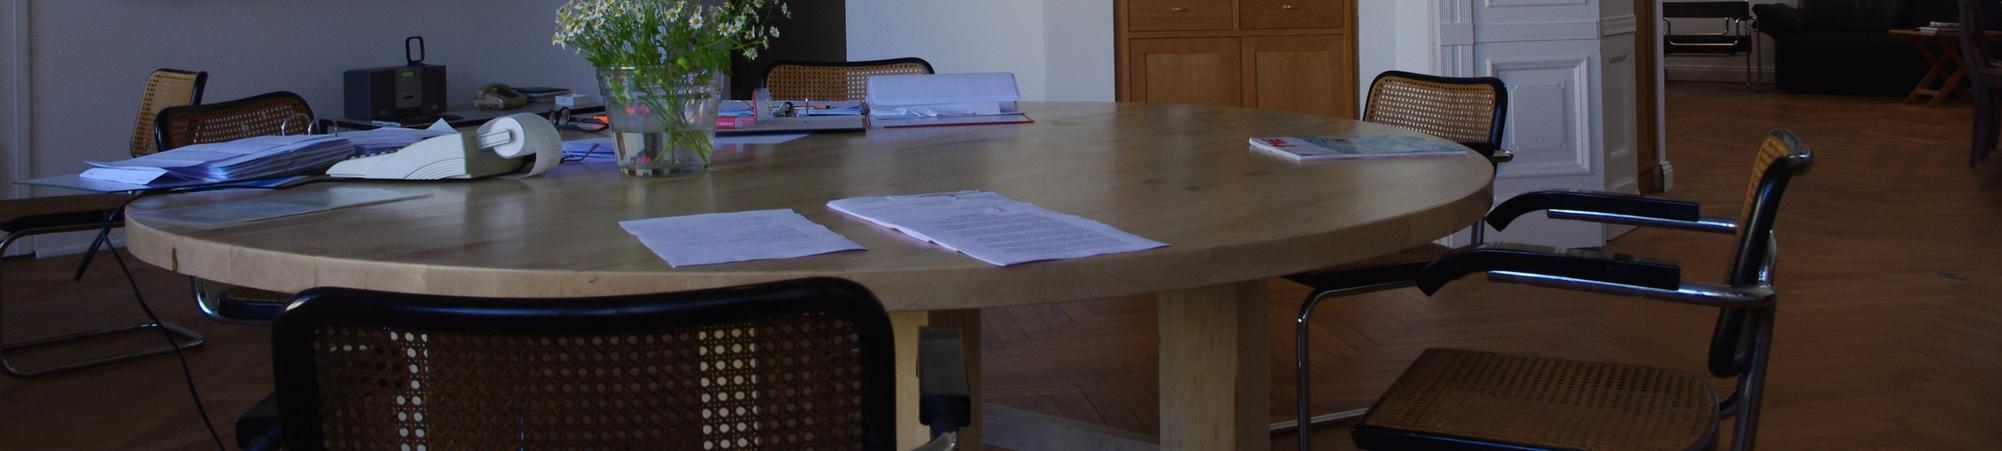 Tischlerei Cramer Tisch